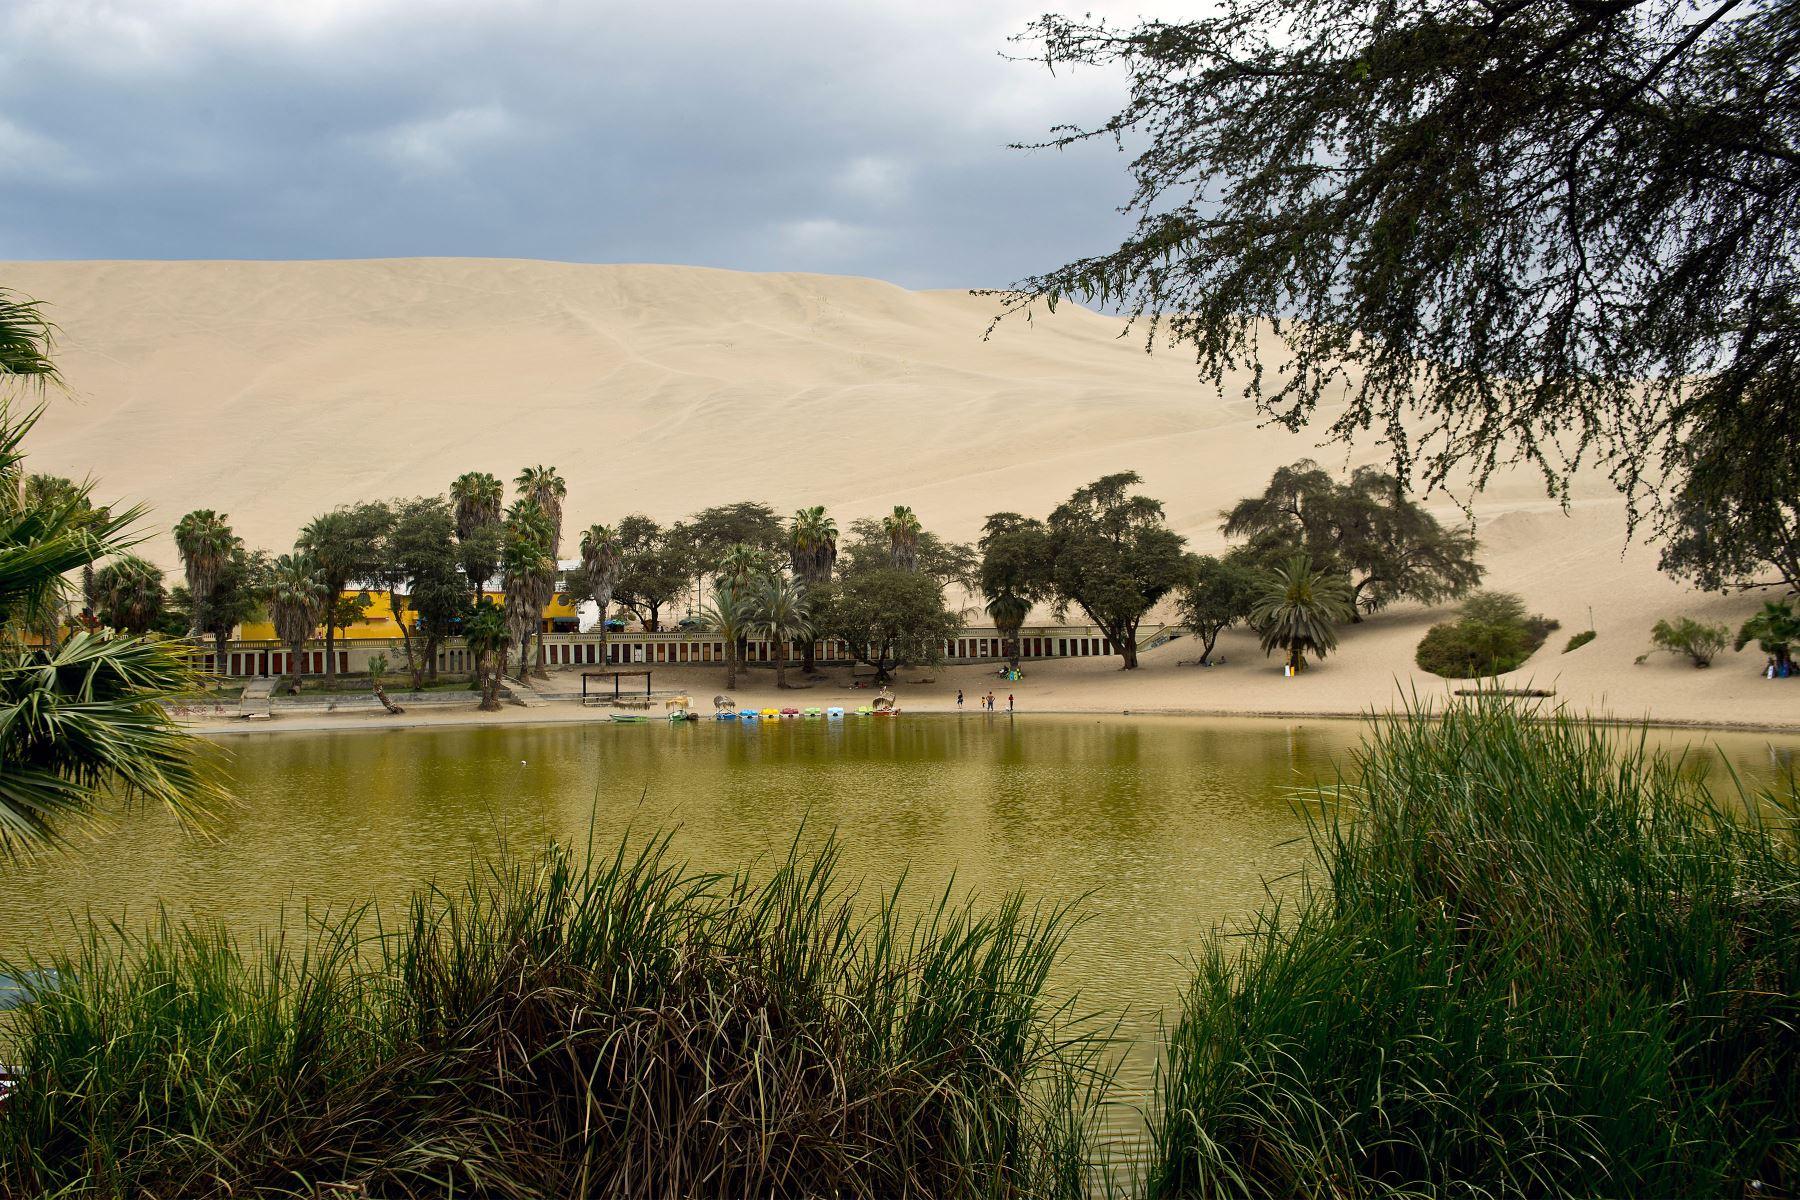 Huacachina es un destino turístico que se pueden divisar desde lo alto de las dunas.  Foto:AFP